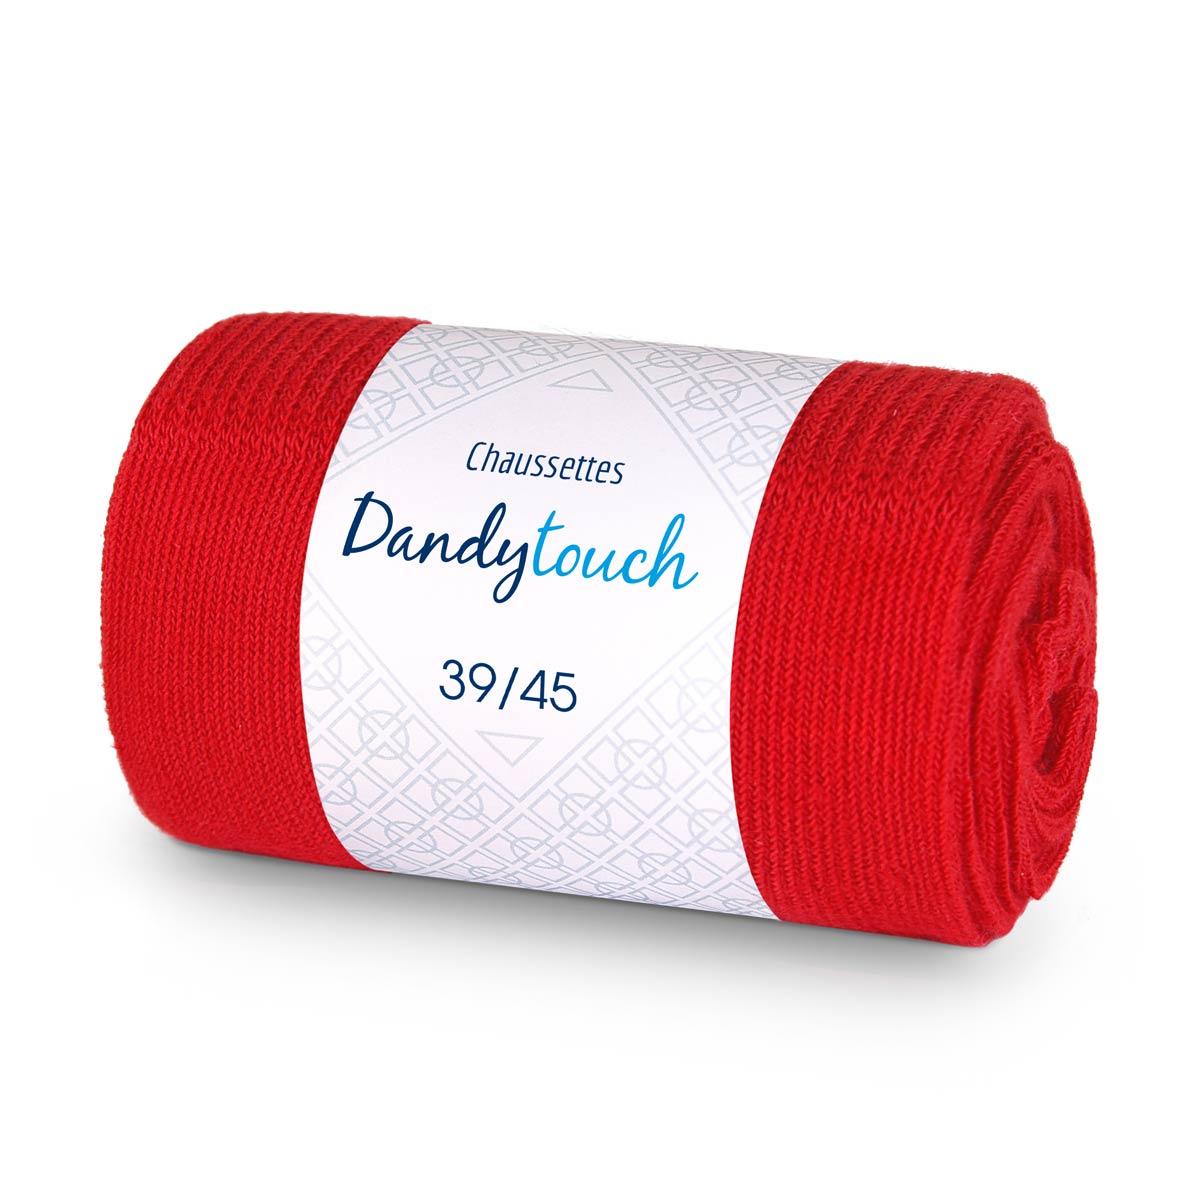 CH-00548_E12-1--_Chaussettes-homme-rouges-unies